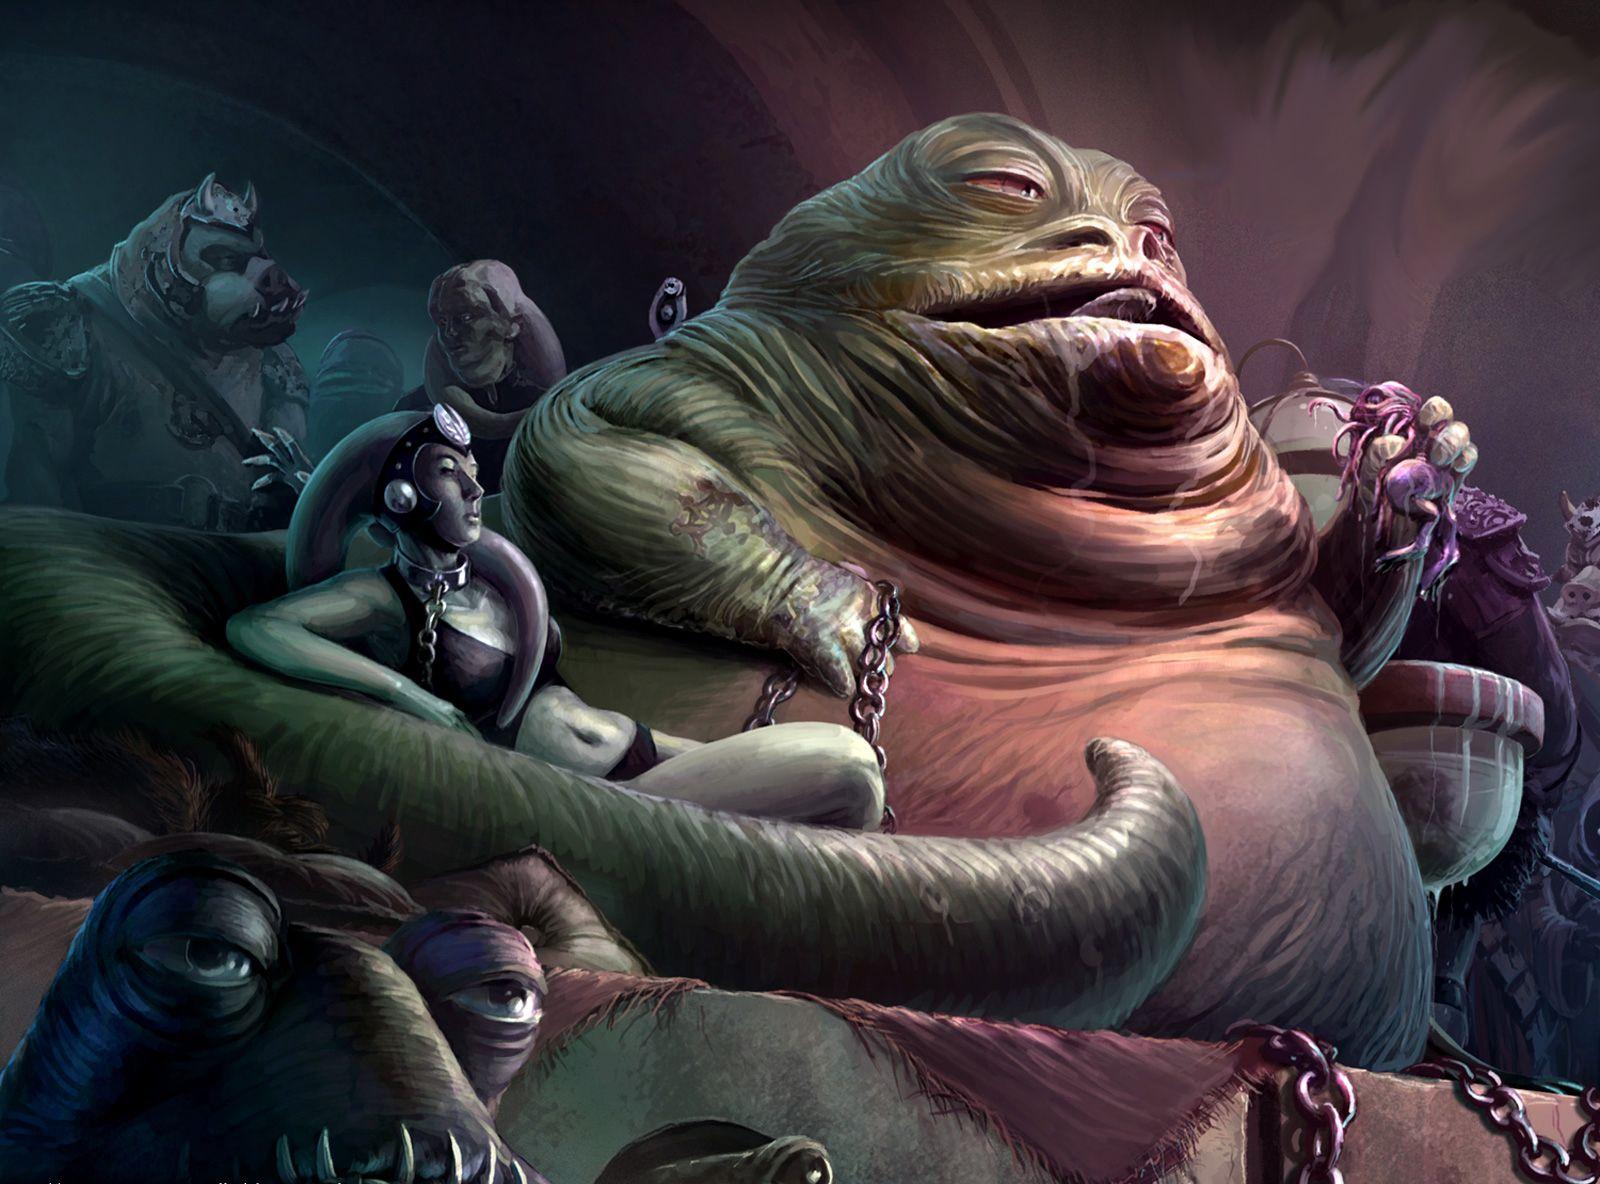 Jabba The Hutt Fucks Princess Leia Good jabba the hutt & co.   star wars   pinterest   star, star wars art